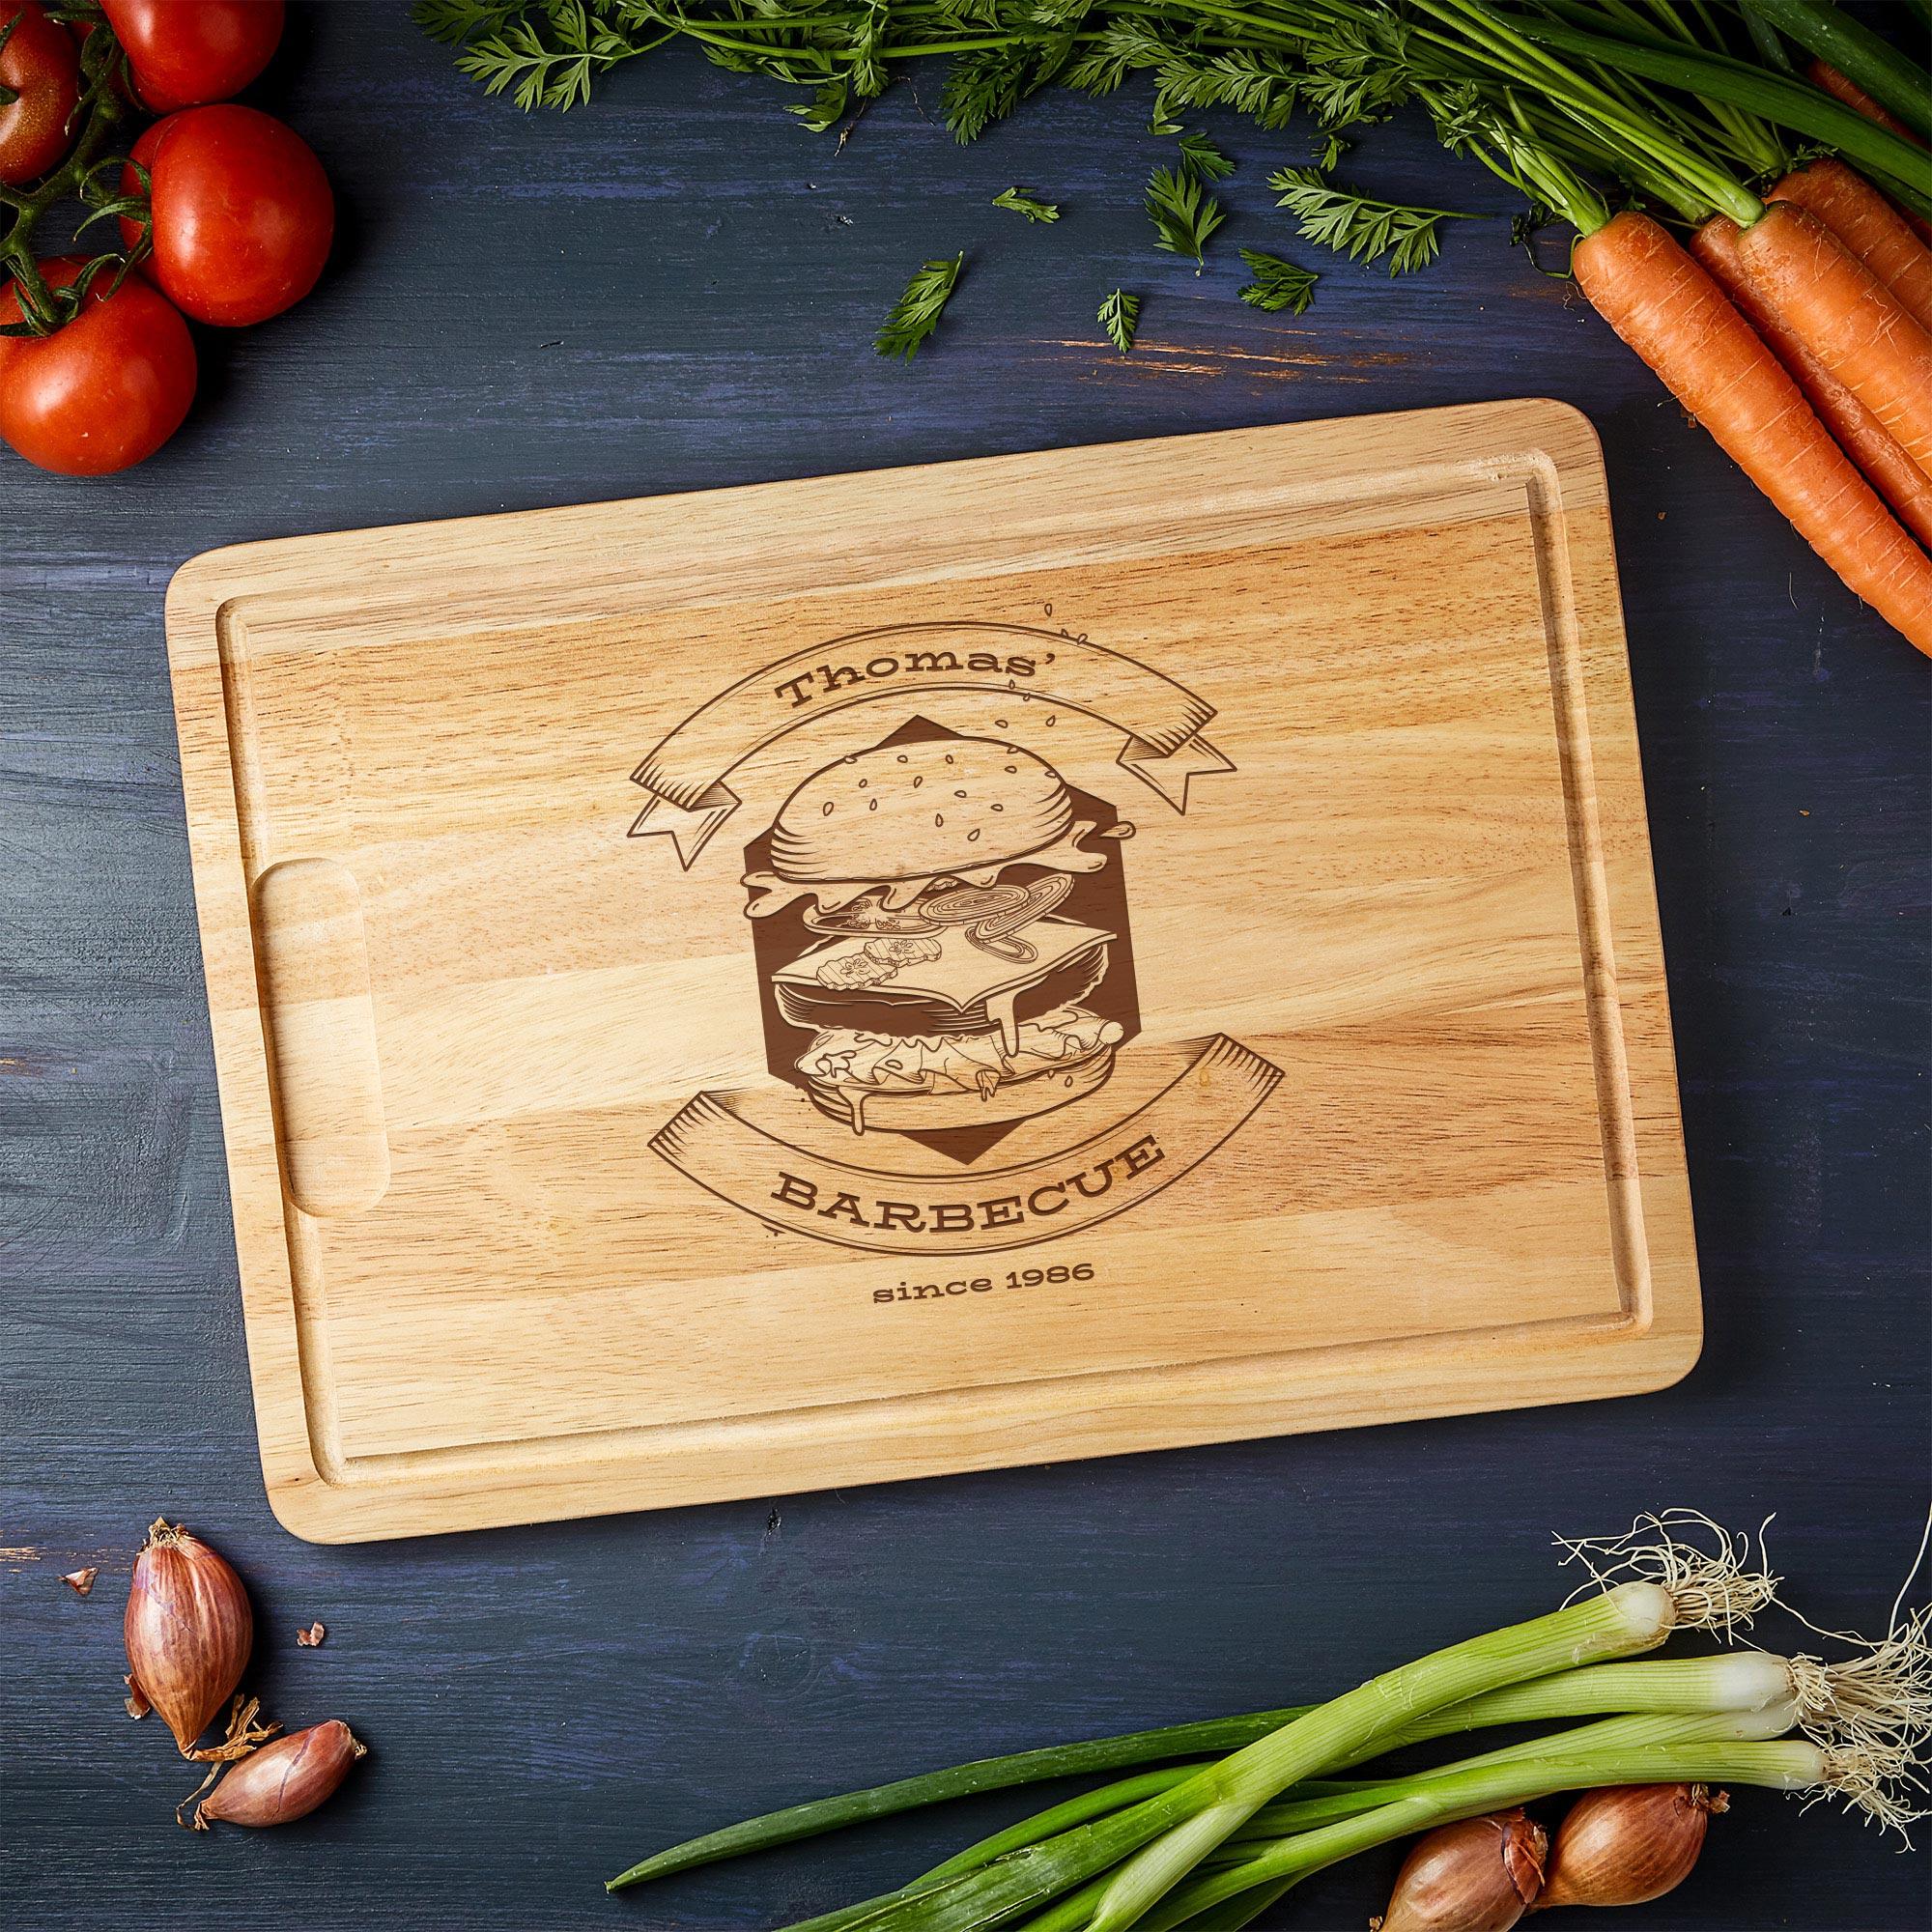 Schneidebrett - Grillmotiv Barbecue - Personalisiert